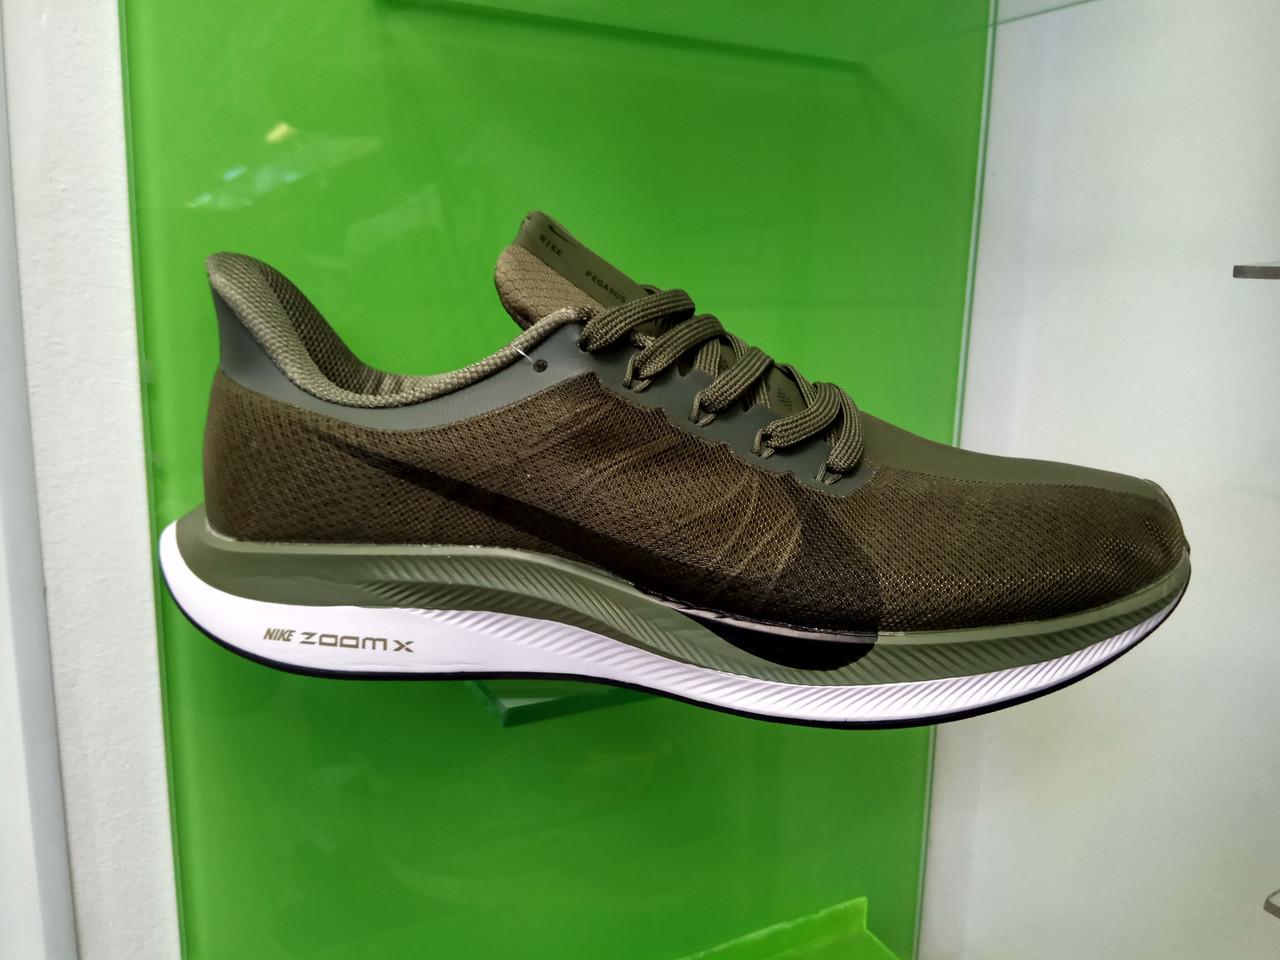 6f12fe8f376c38 Мужские кроссовки Nike Zoom Pegasus 35 Turbo Green, размеры с 41 по 45 -  Интернет